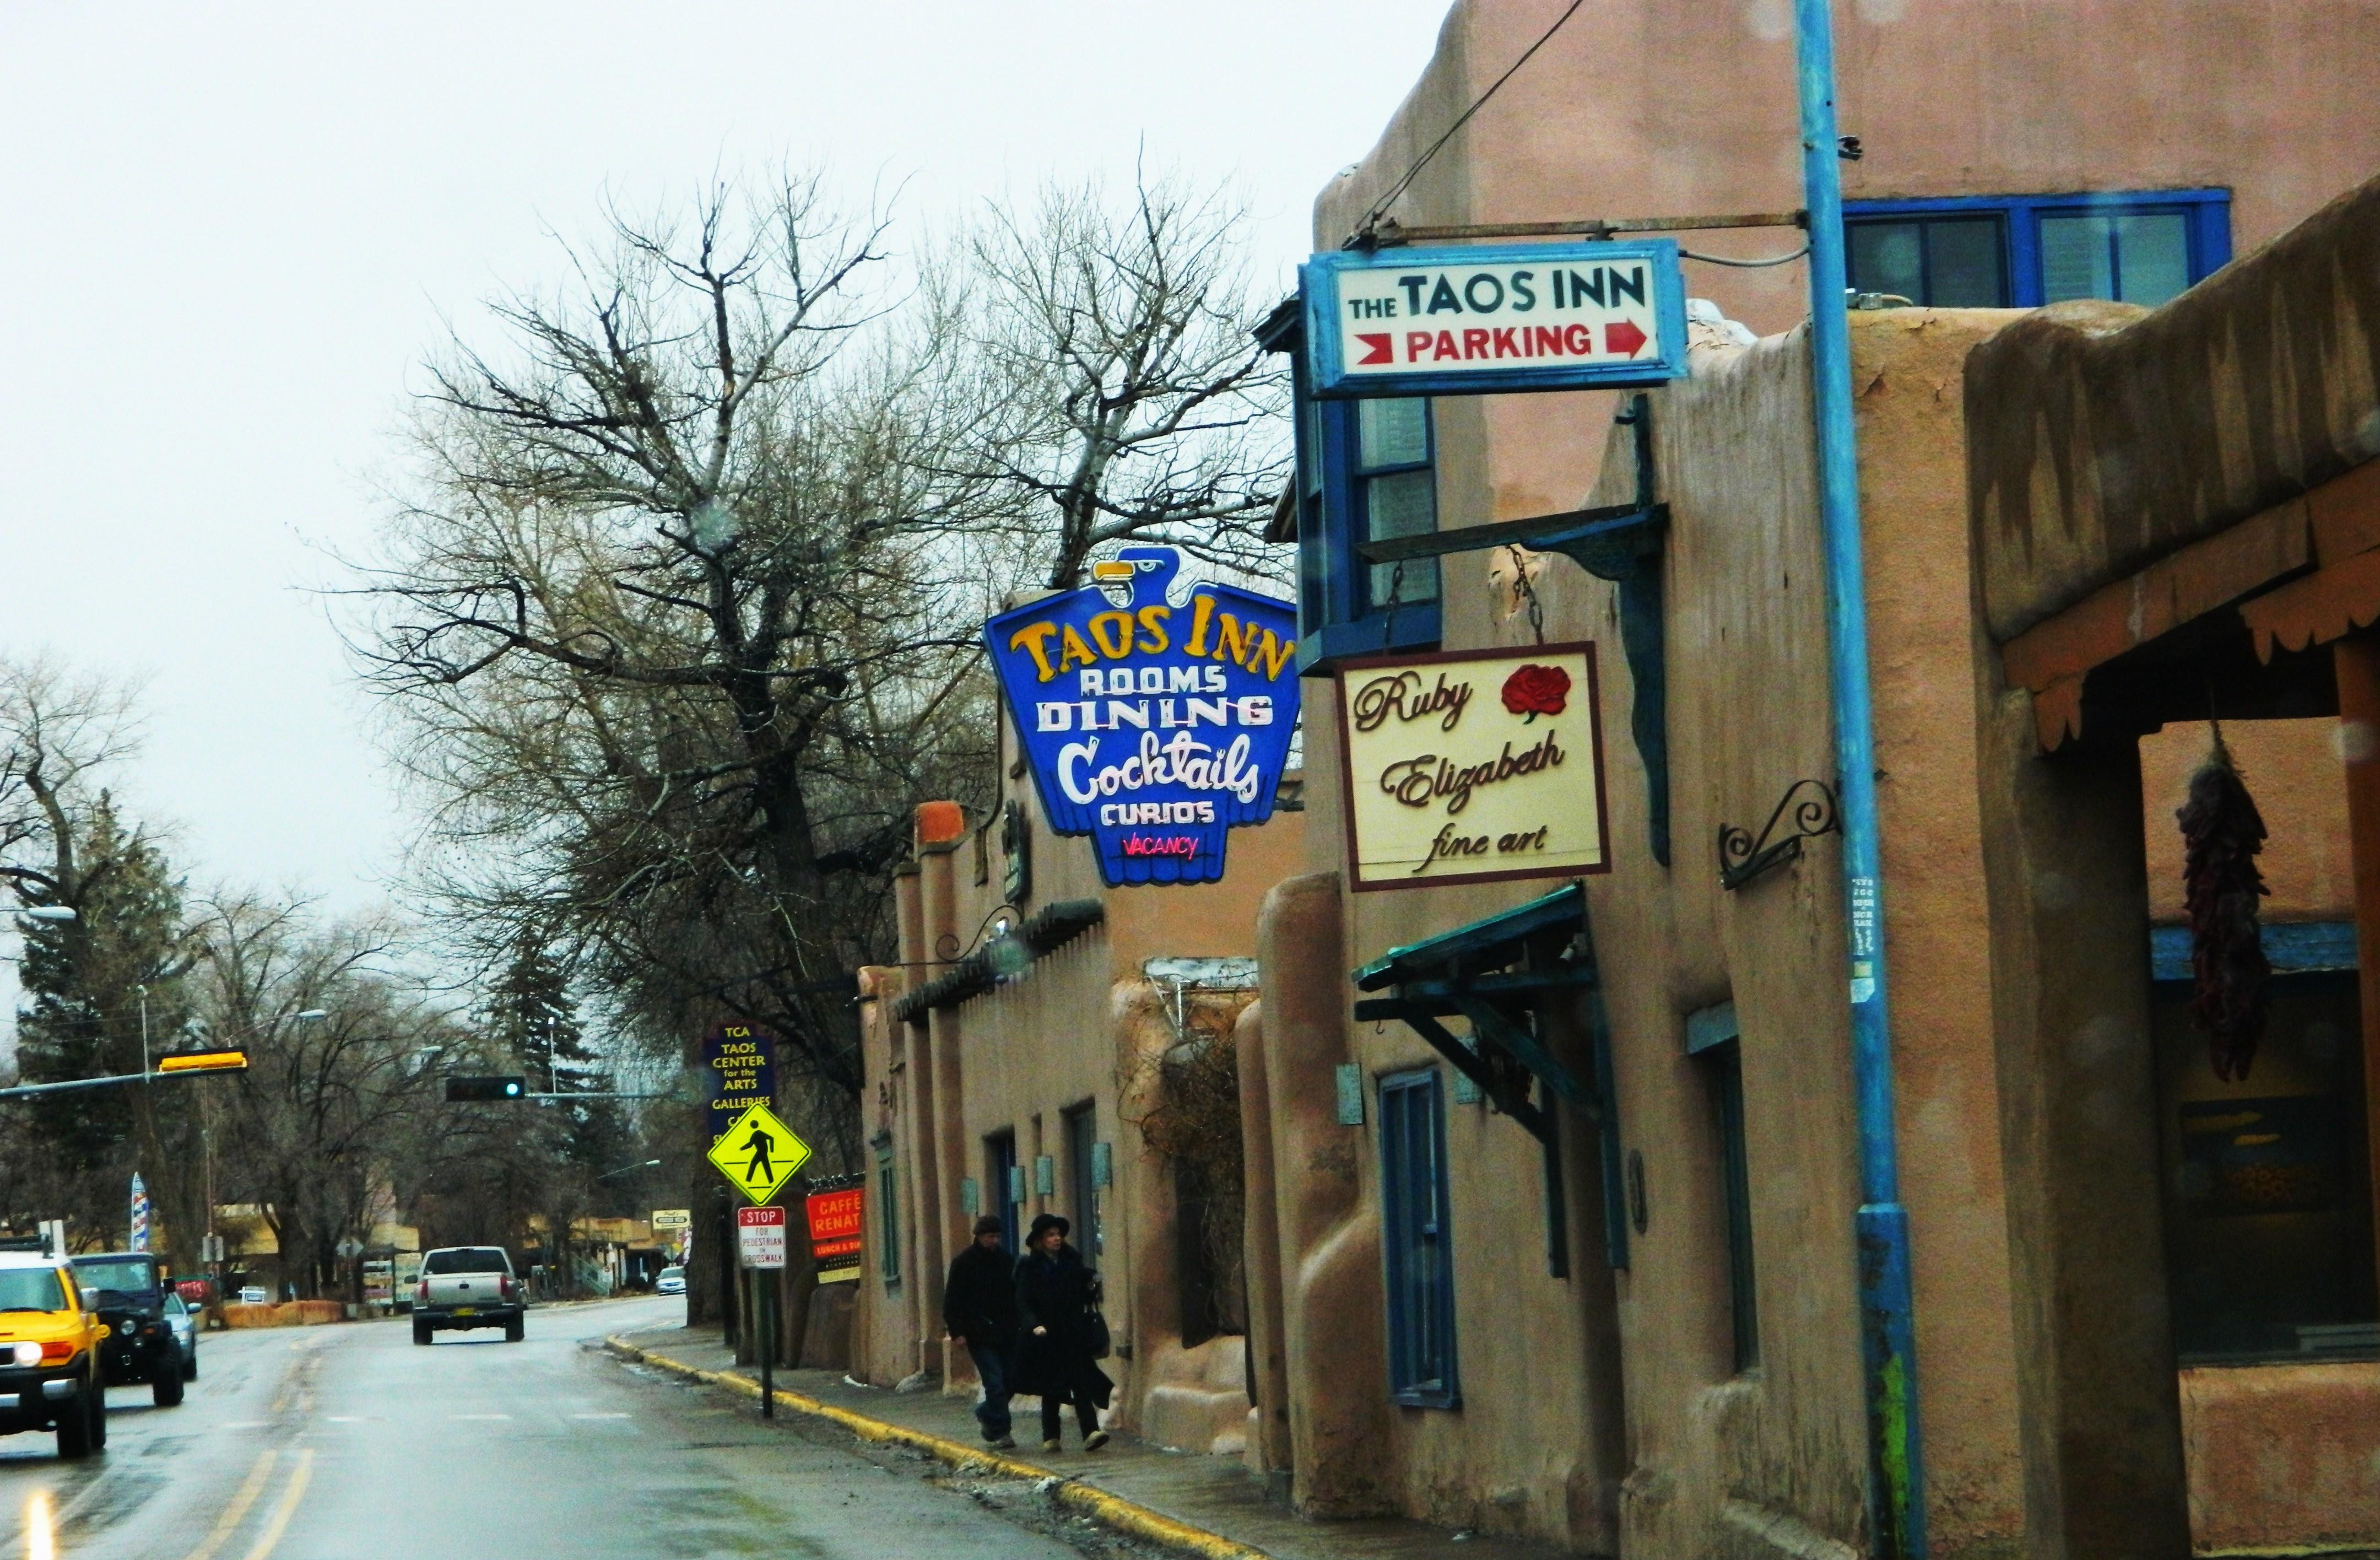 Taos Inn